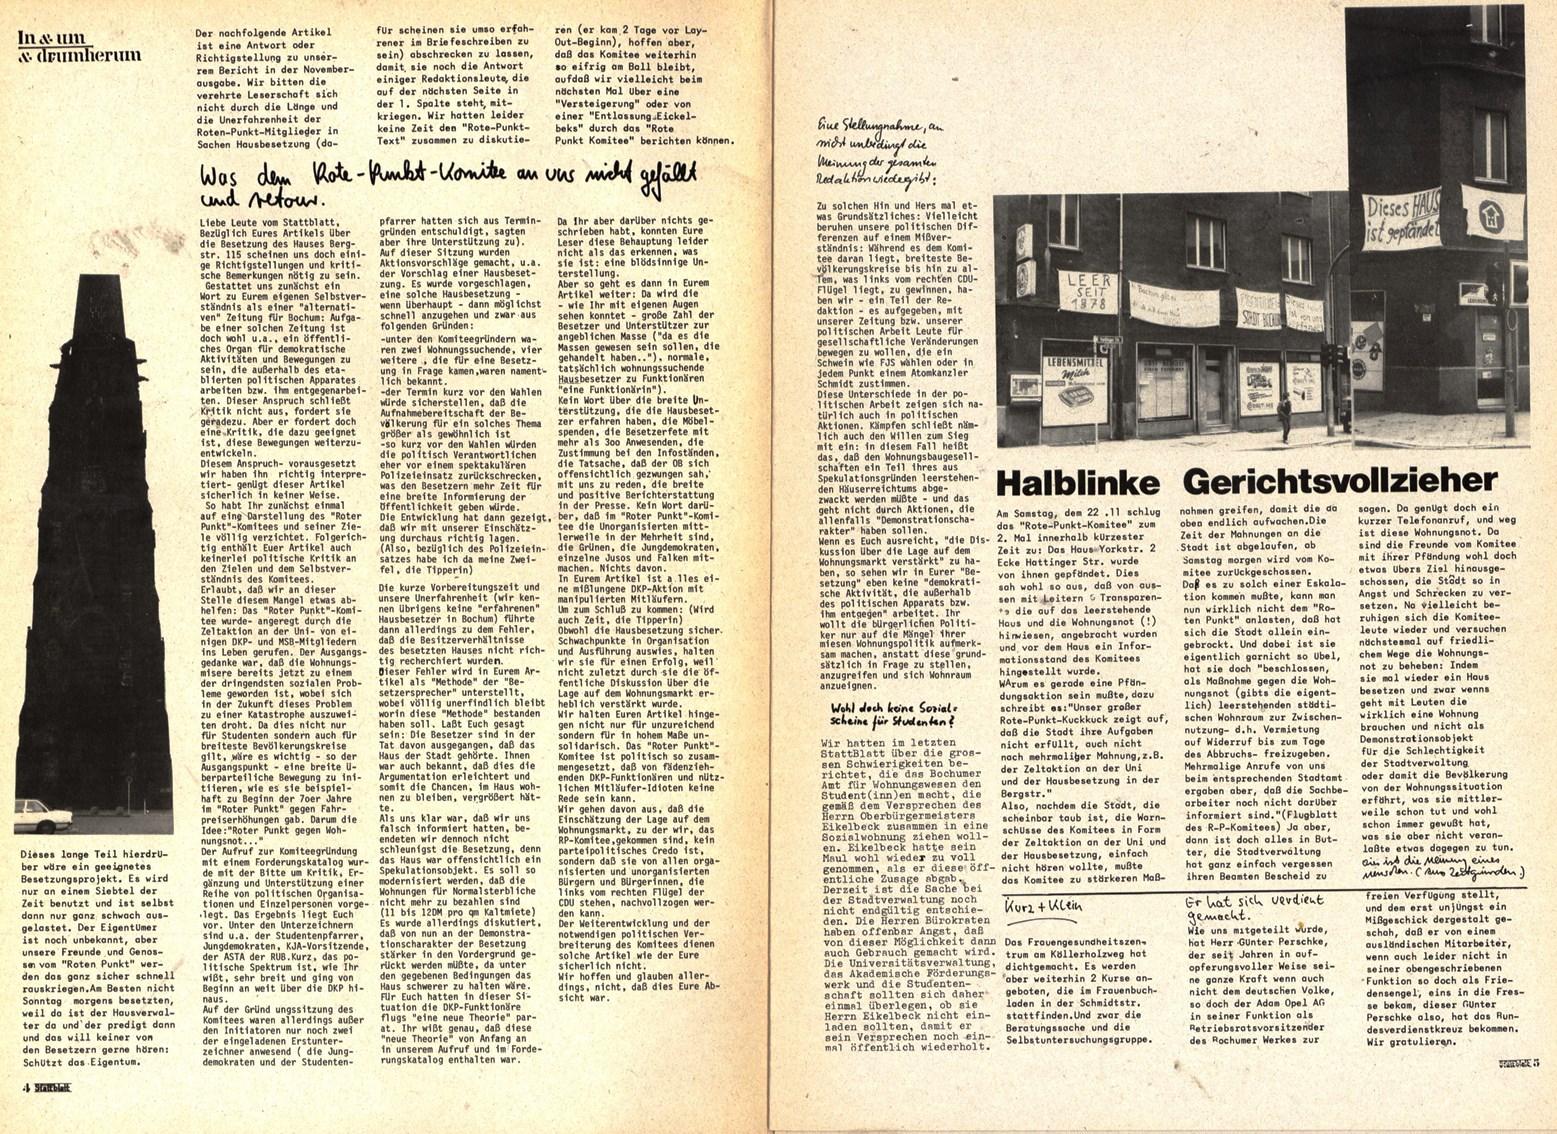 Bochum_Stattblatt_19801200_43_03